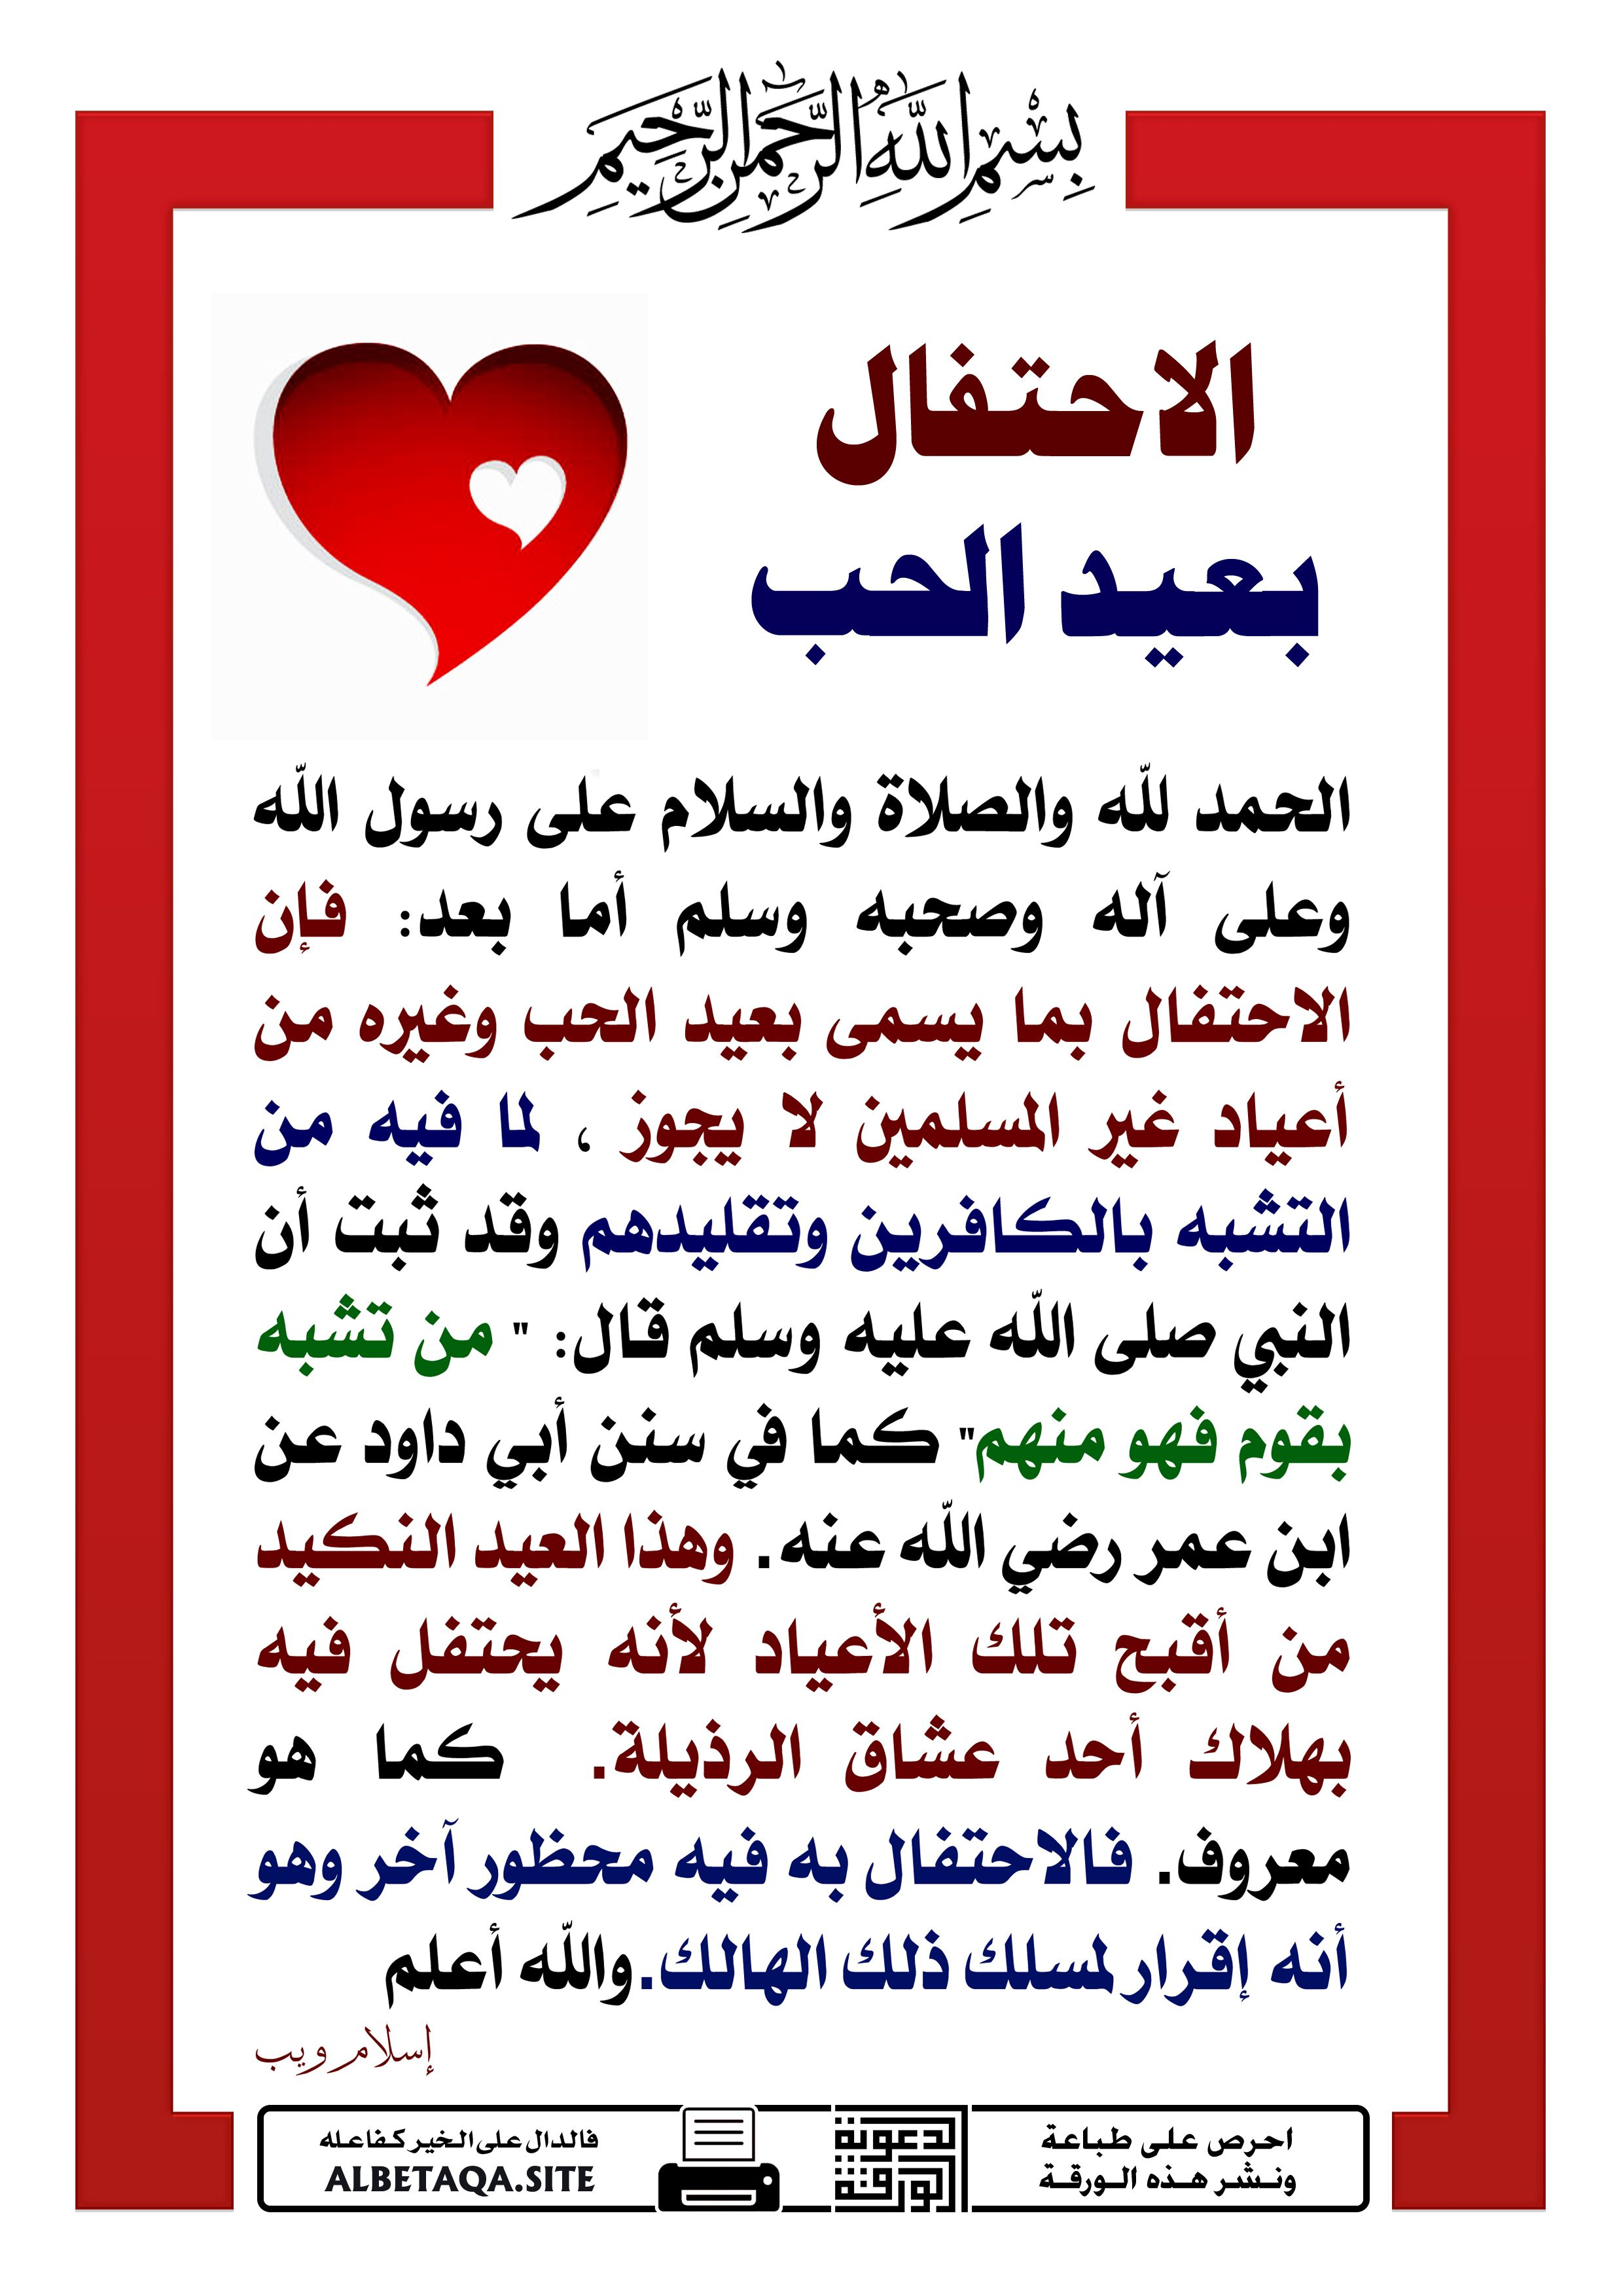 حكم الاحتفال بعيد الحب عيد الحب Valentine فالنتاين Islamic Phrases Islam Phrase